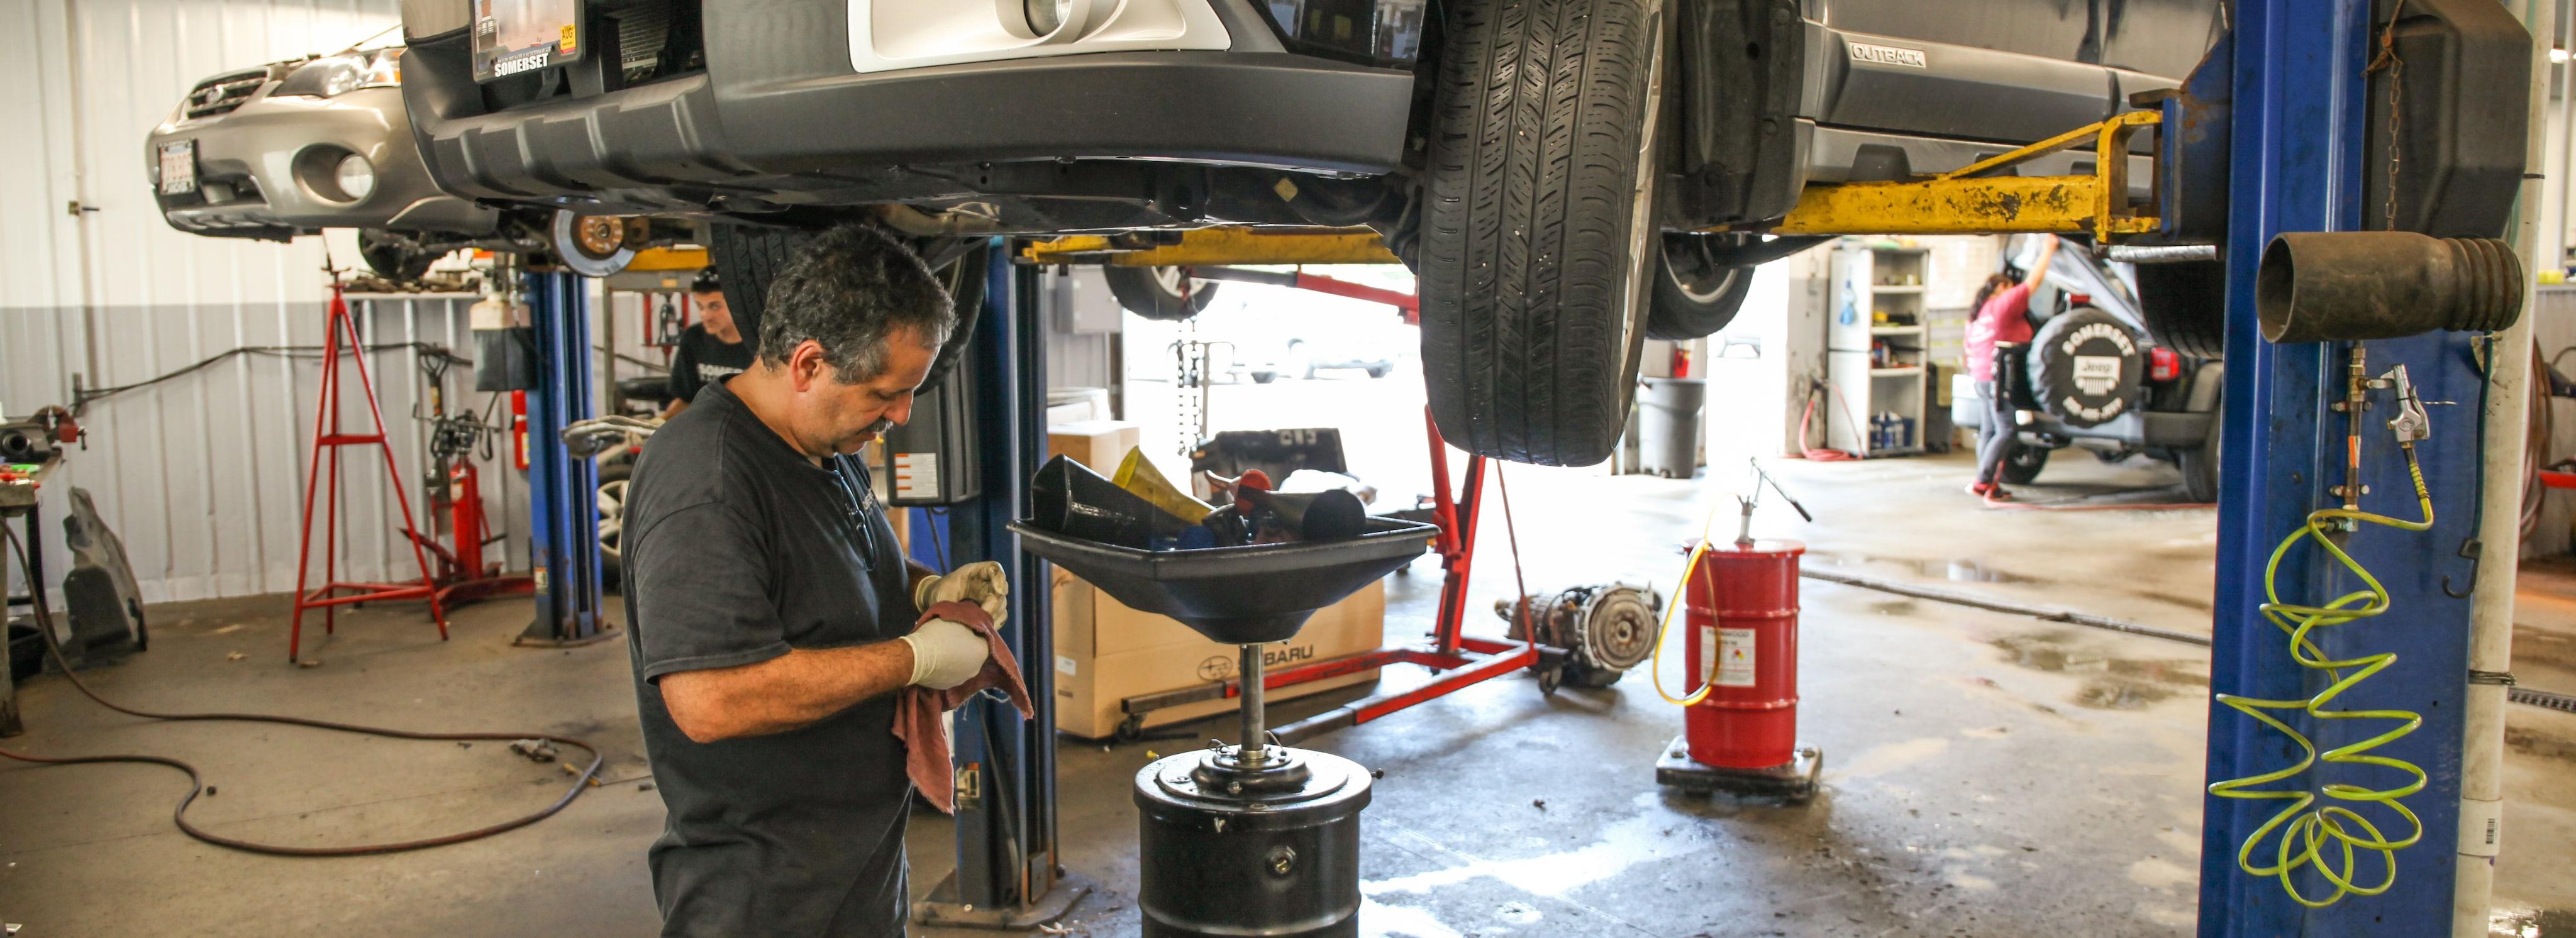 Subaru Car Repair Somerset Providence Warwick Fall River New - Subaru auto repair